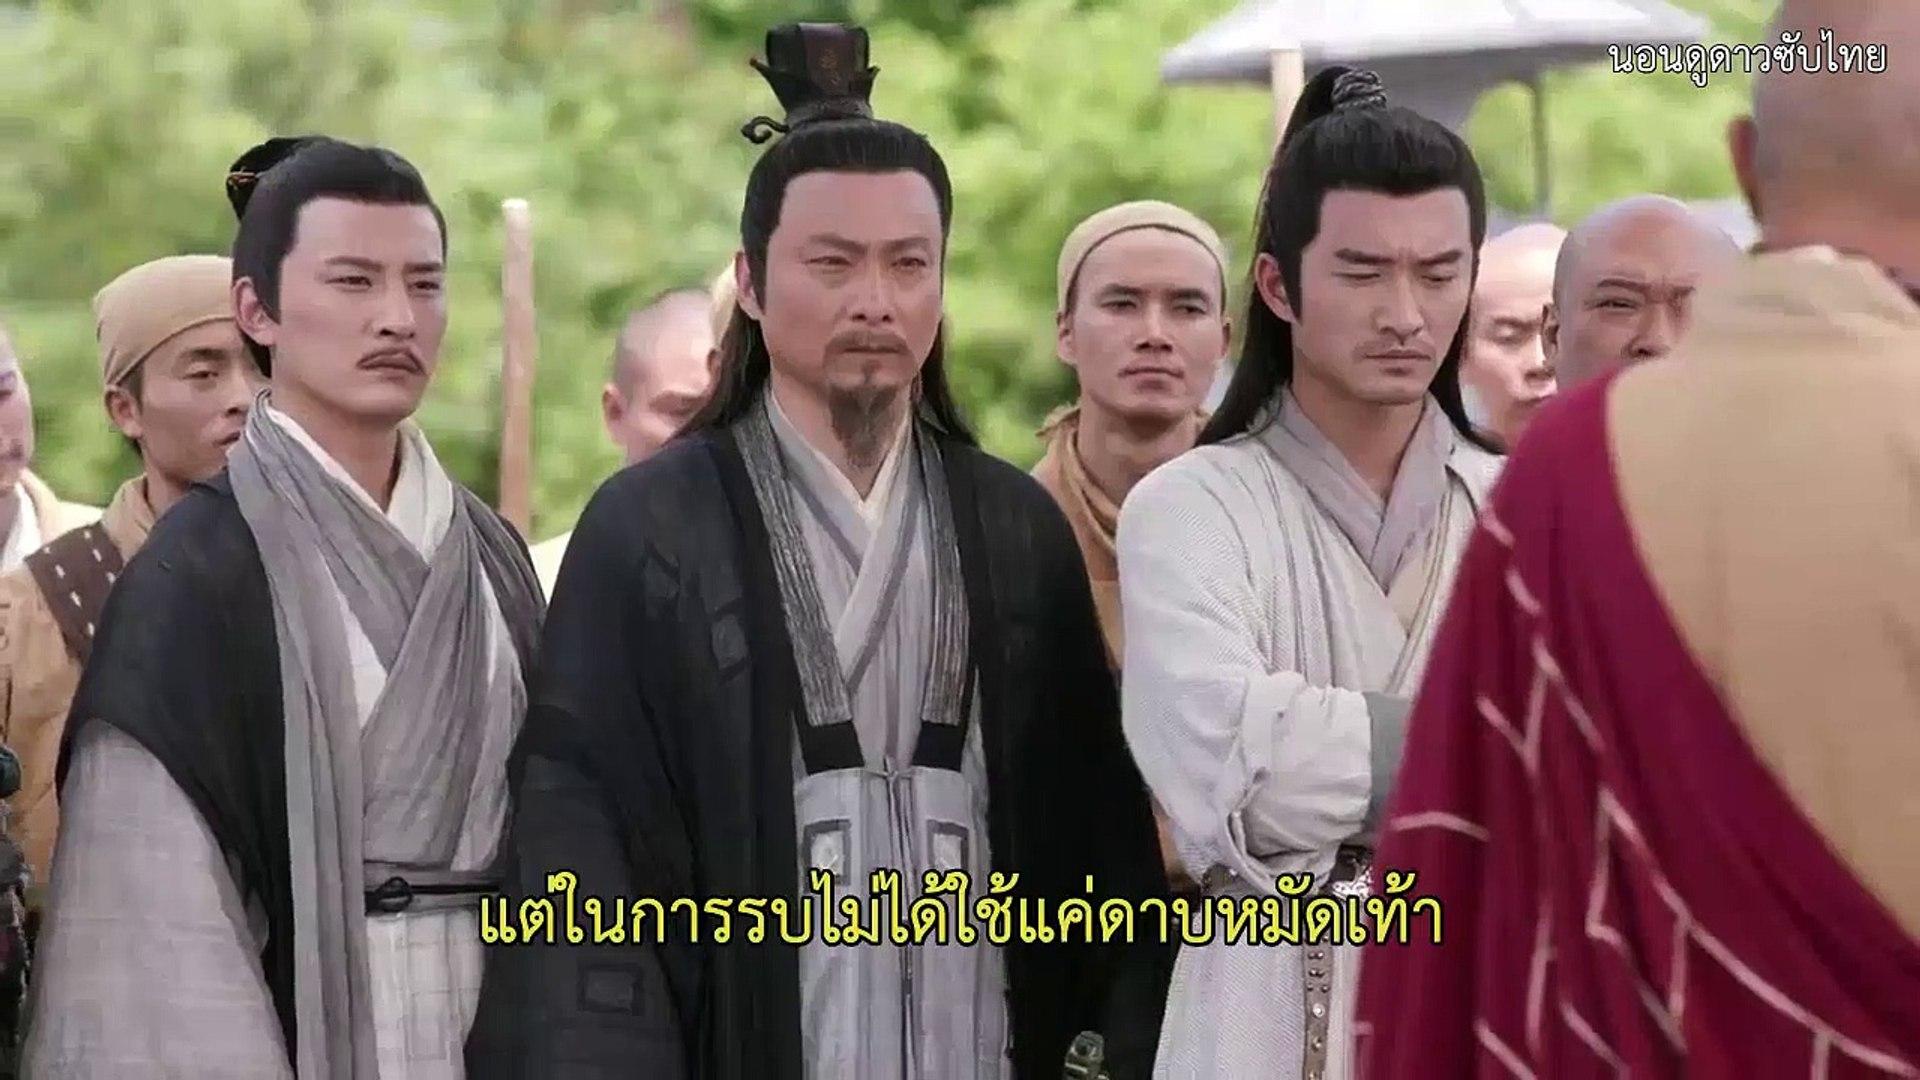 ดาบมังกรหยก2019 ซับไทย ตอนที่ 47